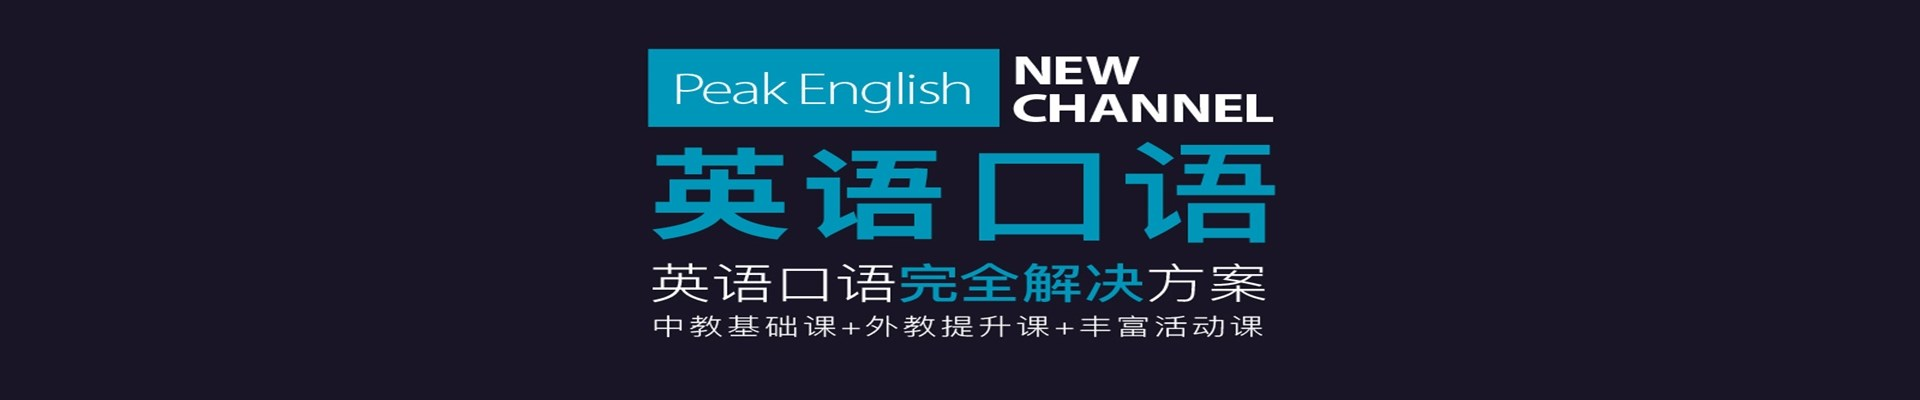 青岛香港中路新航道英语培训